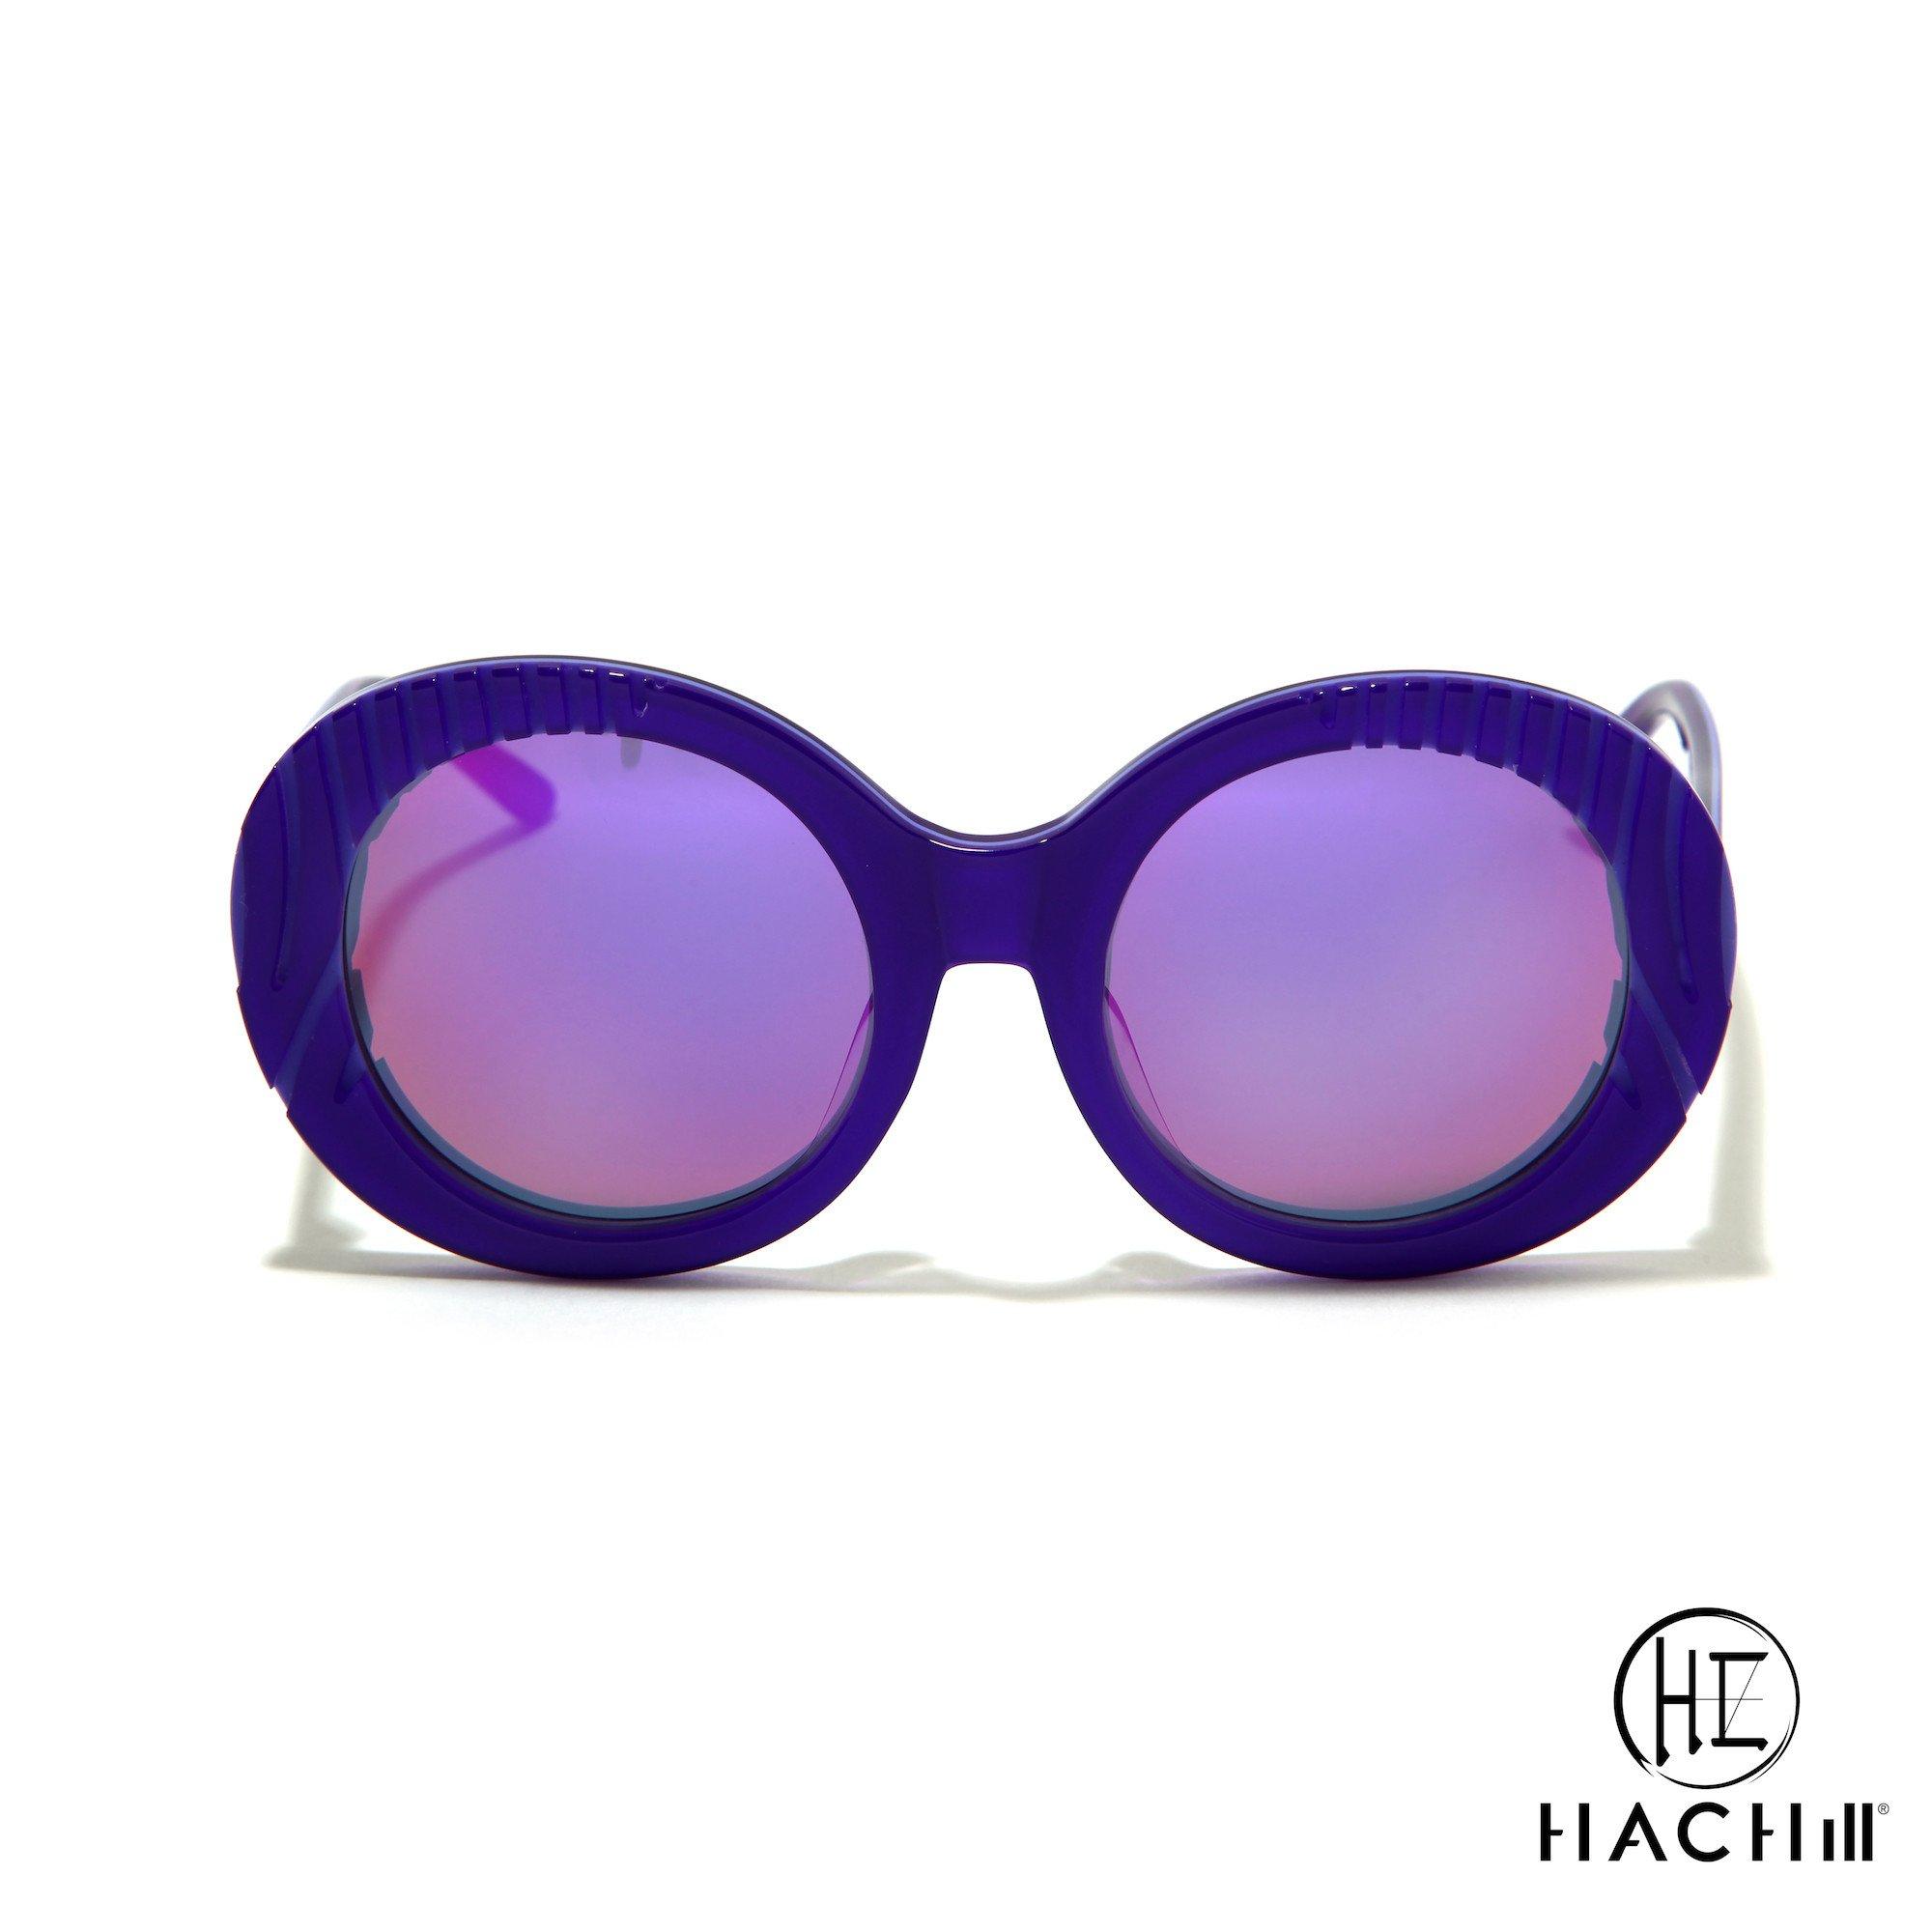 Hachill 太阳眼镜 HC8252S-C3 紫色